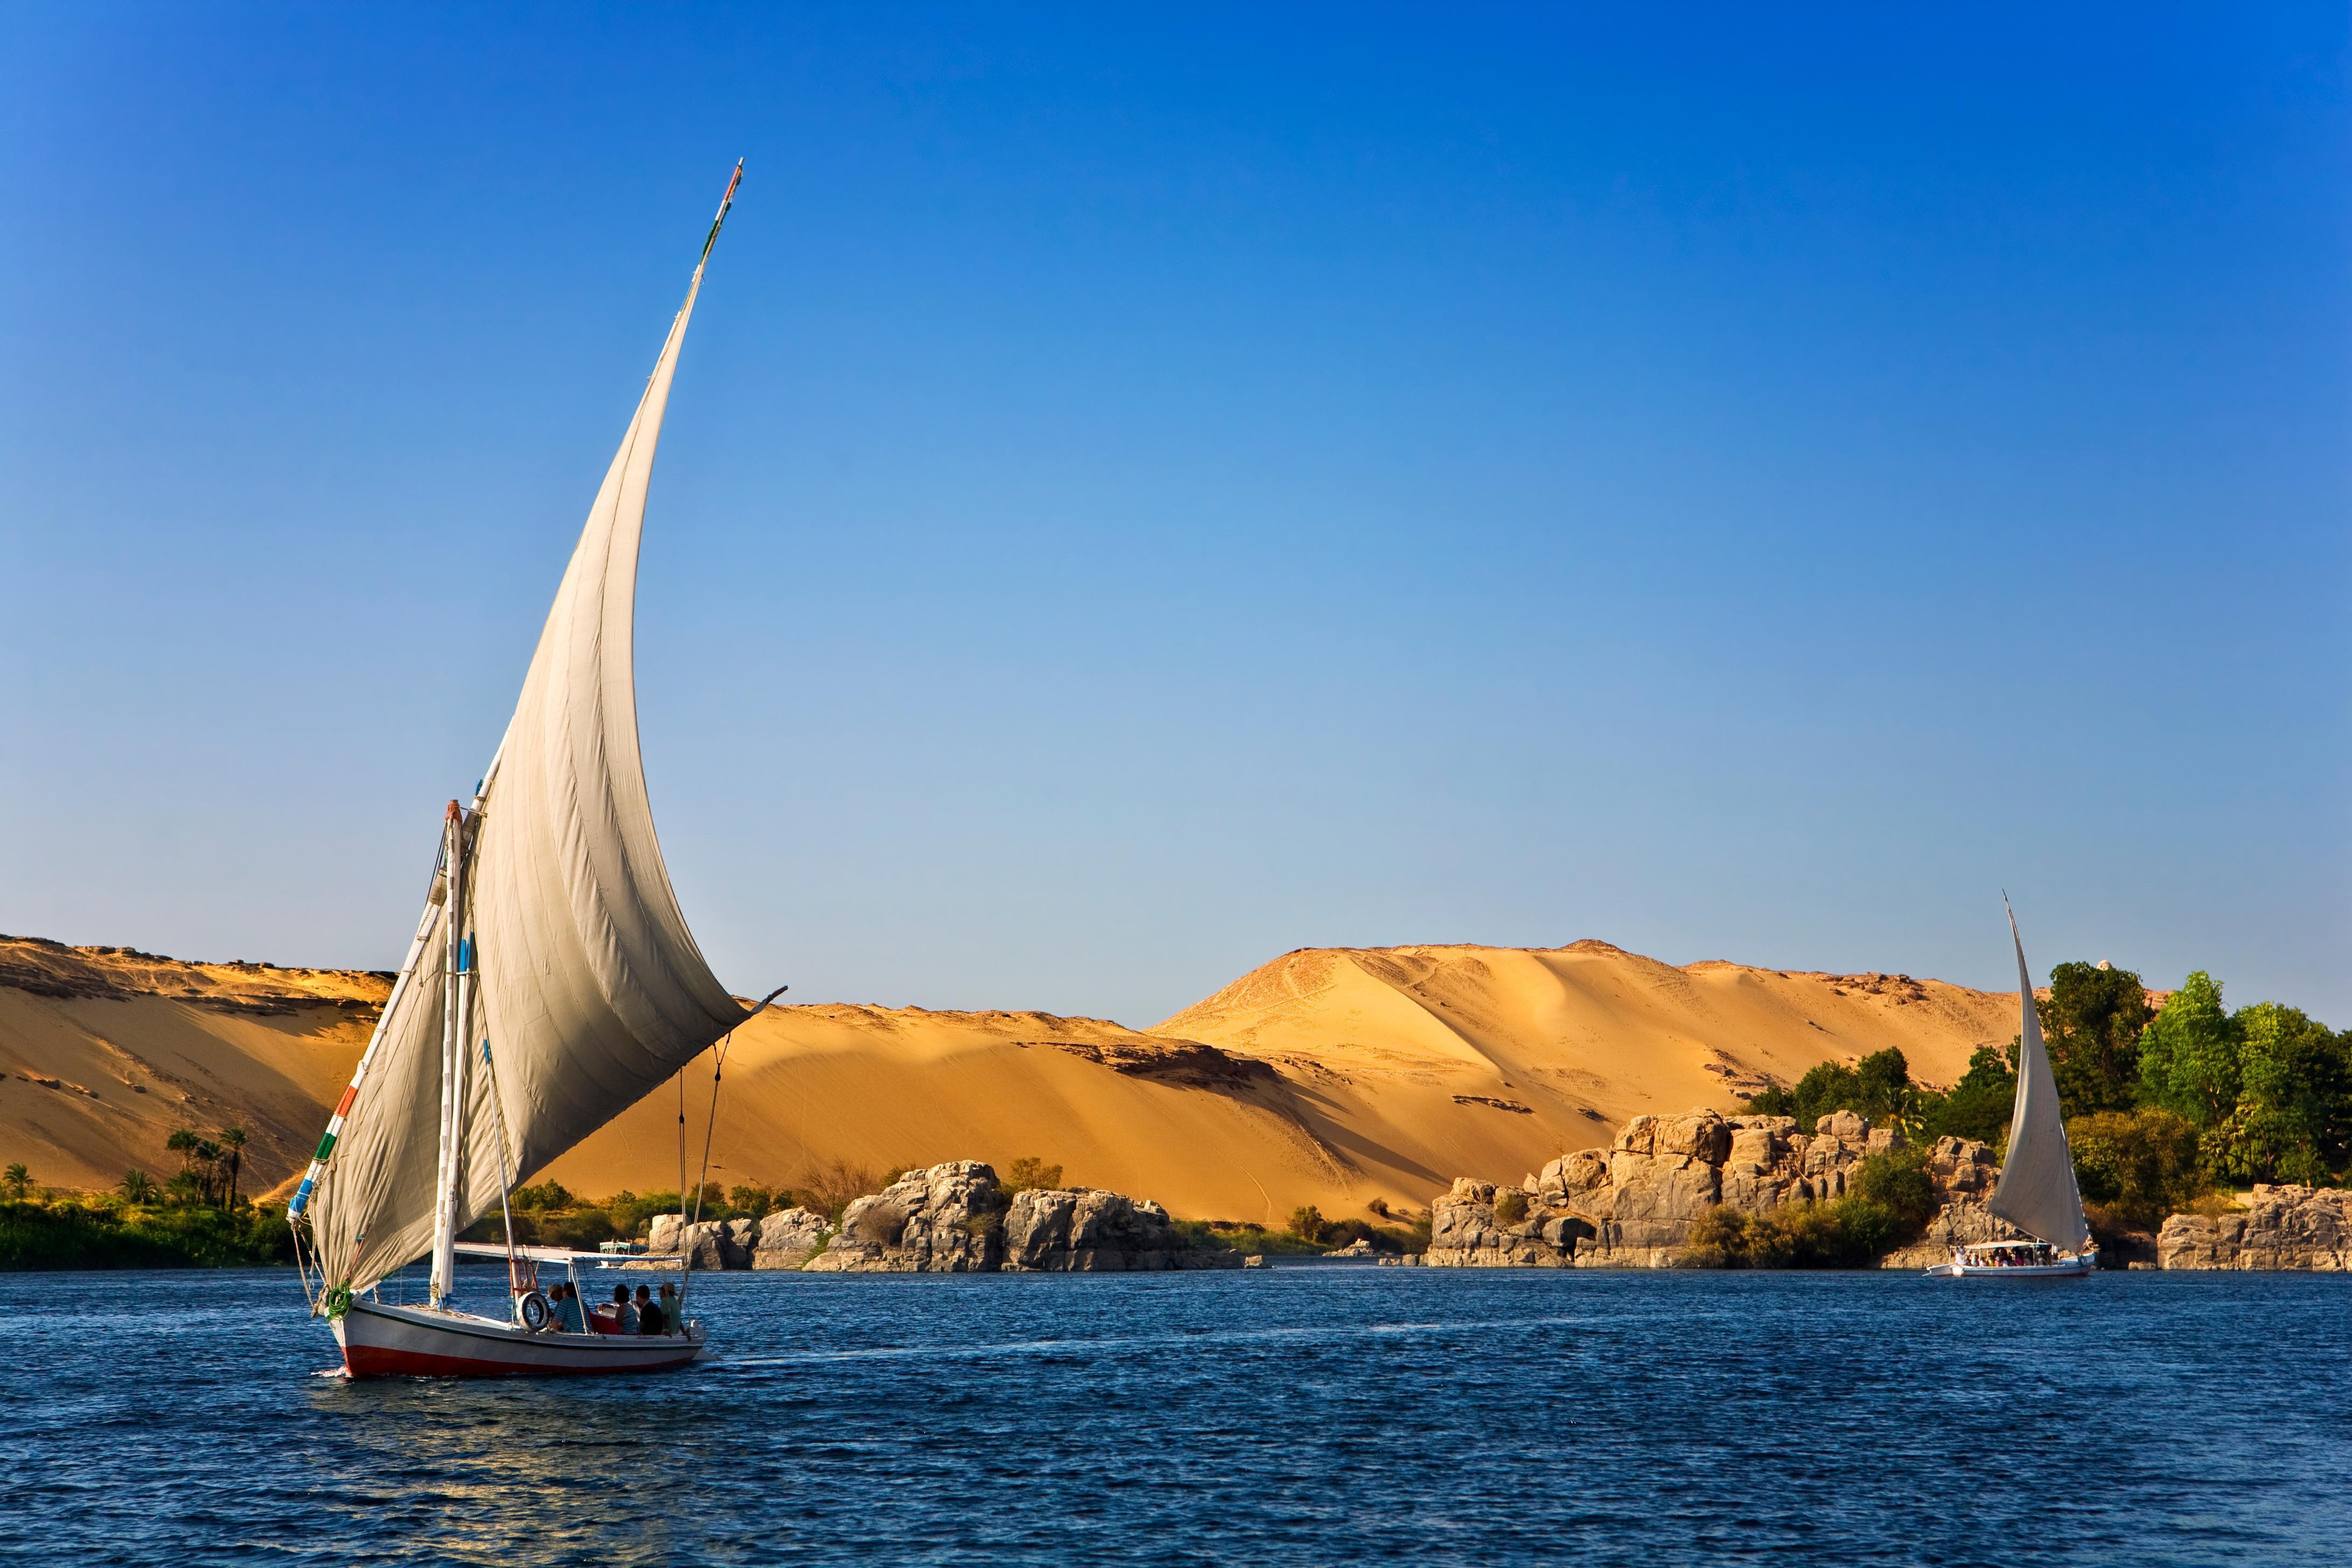 Nile River Felucca Cruises in Aswan